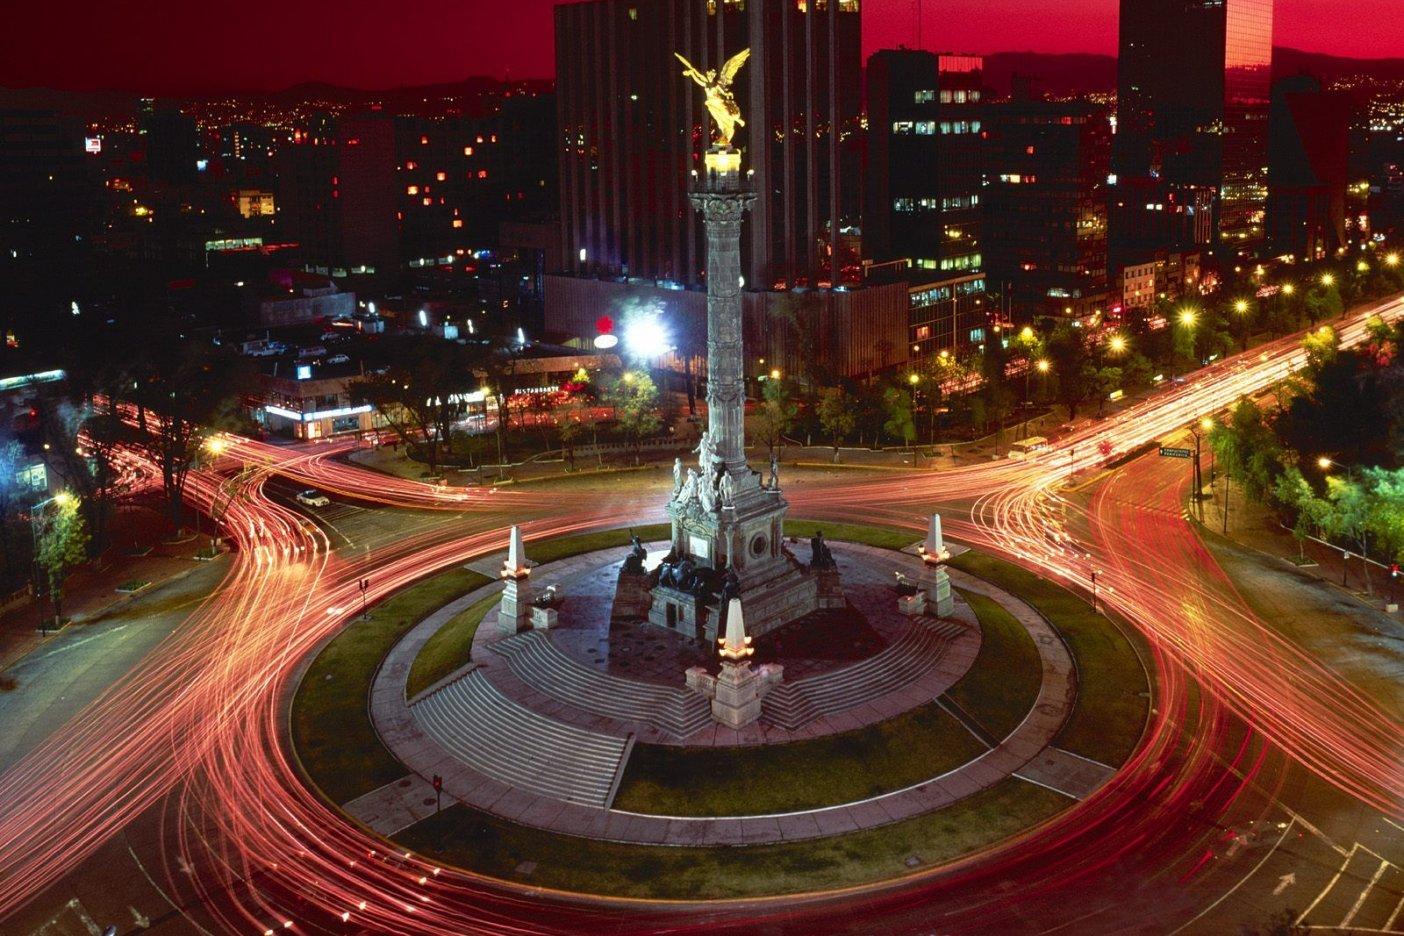 Cáncer, insomnio, depresión: las terribles consecuencias del exceso de luz artificial de tú ciudad